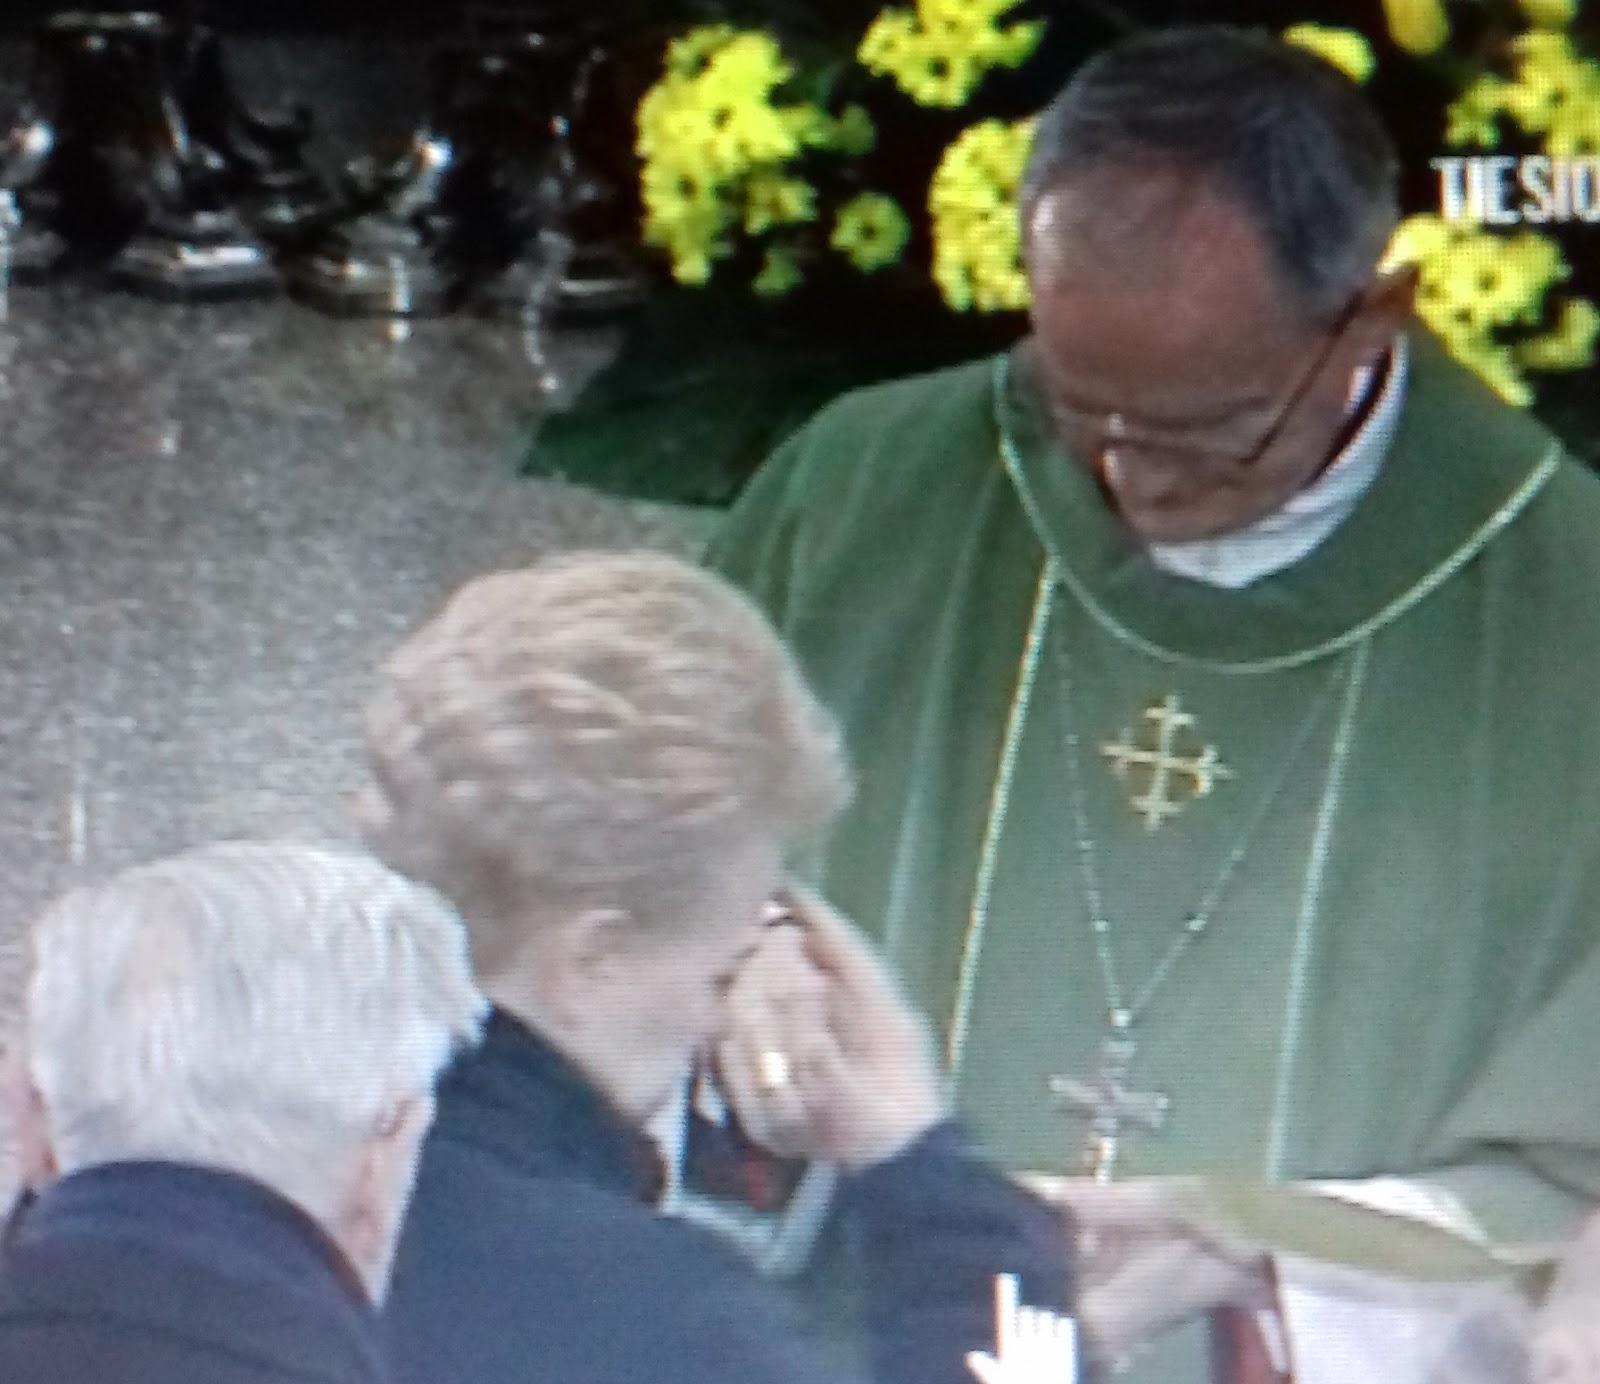 Gerbiamas kunige Alfonsai, krikščionims reikia Šventinto vandens, o buvusiems KGB-istams ir komunistams – dezinfekuojančio skysčio